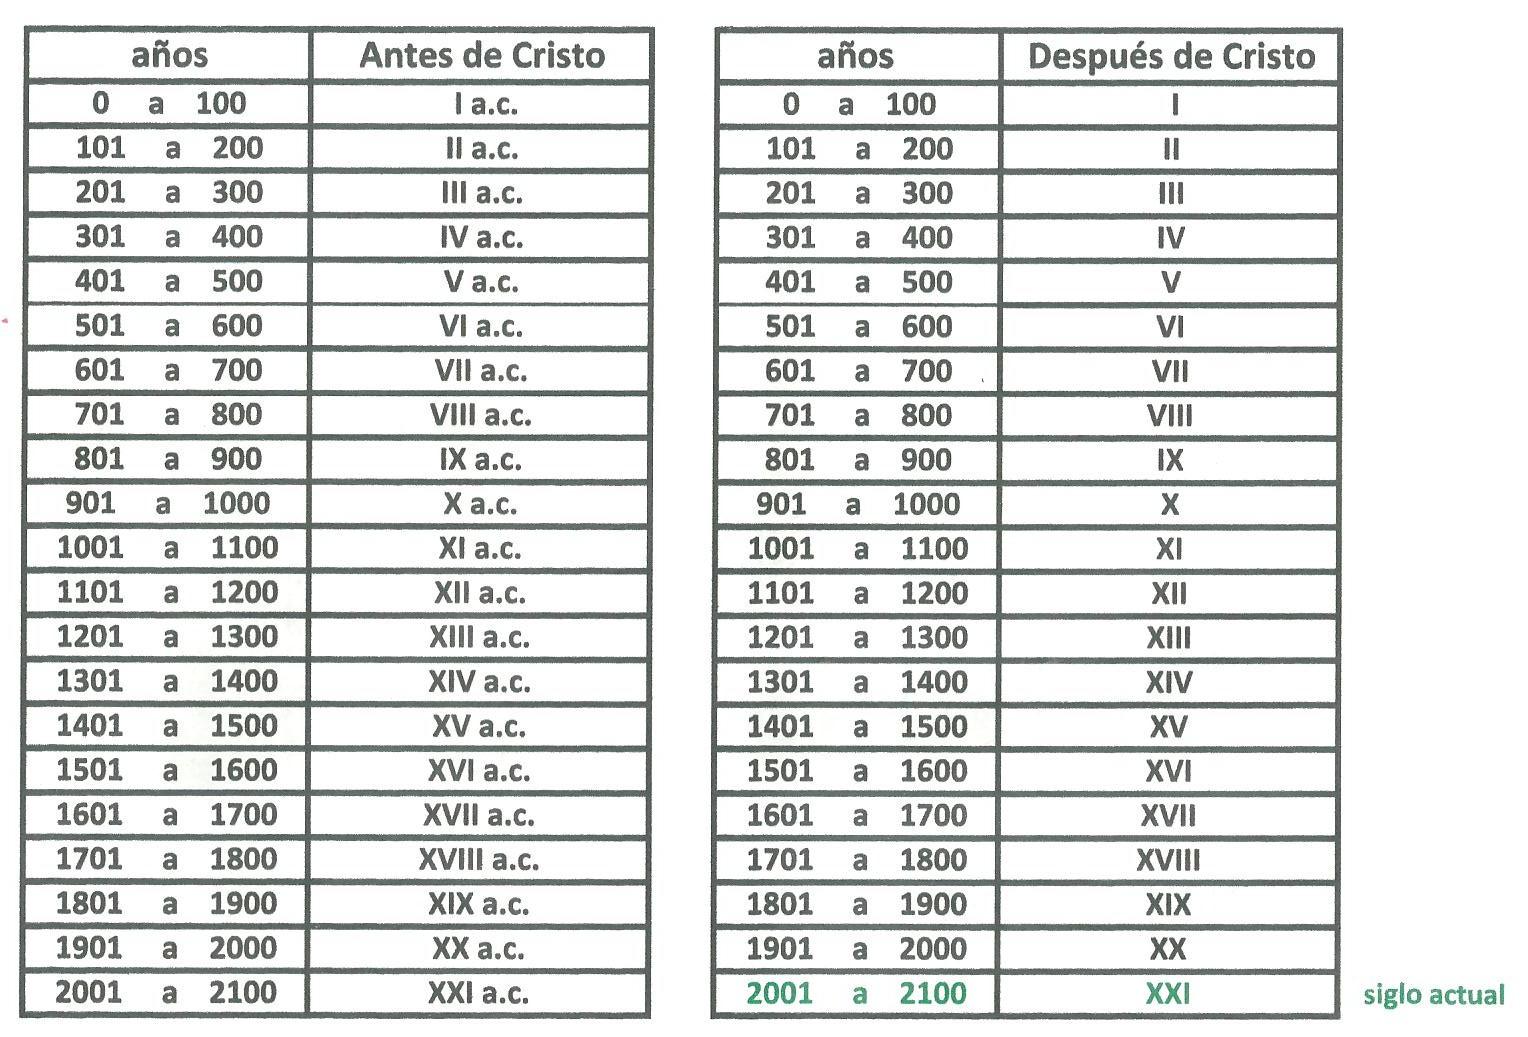 Historia 1 Instituto Colegio De Nuestra Señora Cronologías